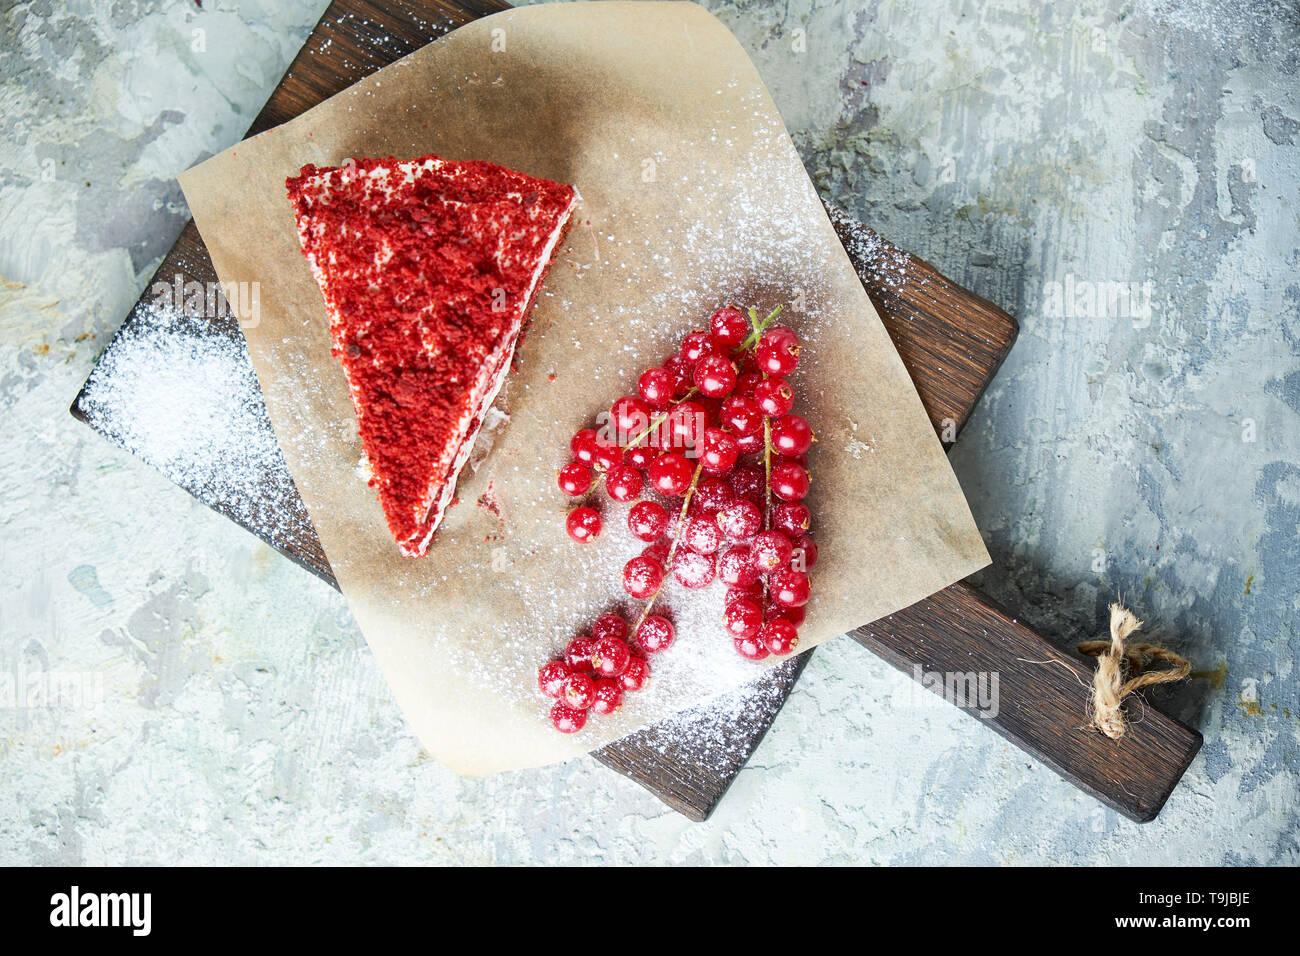 Gâteau de velours rouge et un tas de groseilles rouges sur une planche de bois. Fond texturé gris. Le Dessert. Vue d'en haut. La chaîne alimentaire Banque D'Images